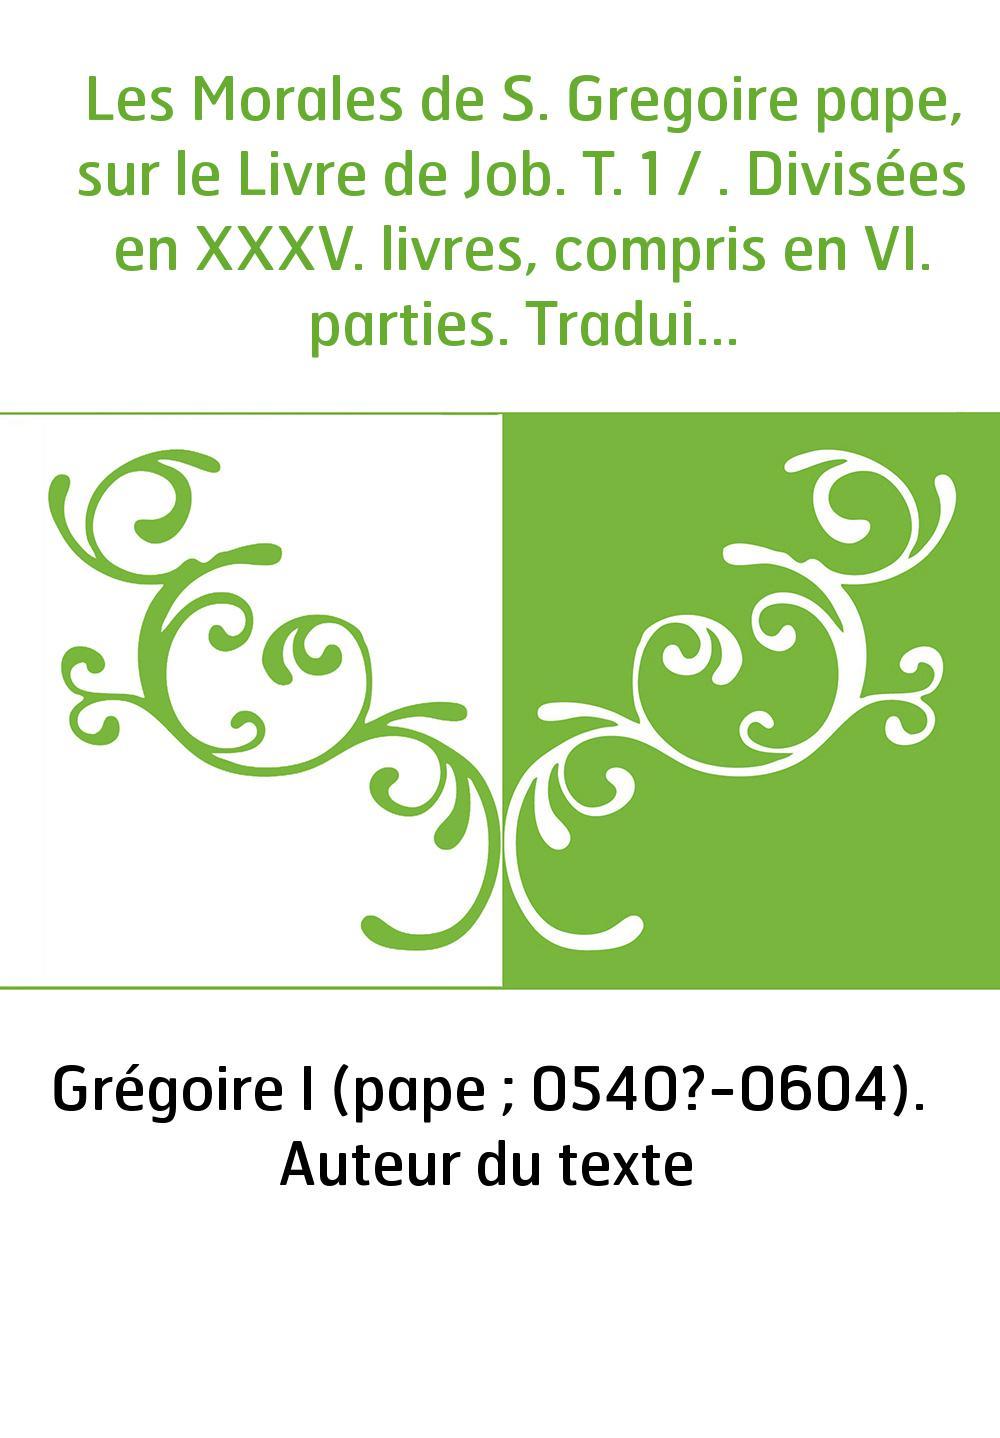 Les Morales de S. Gregoire pape, sur le Livre de Job. T. 1 / . Divisées en XXXV. livres, compris en VI. parties. Traduites en fr